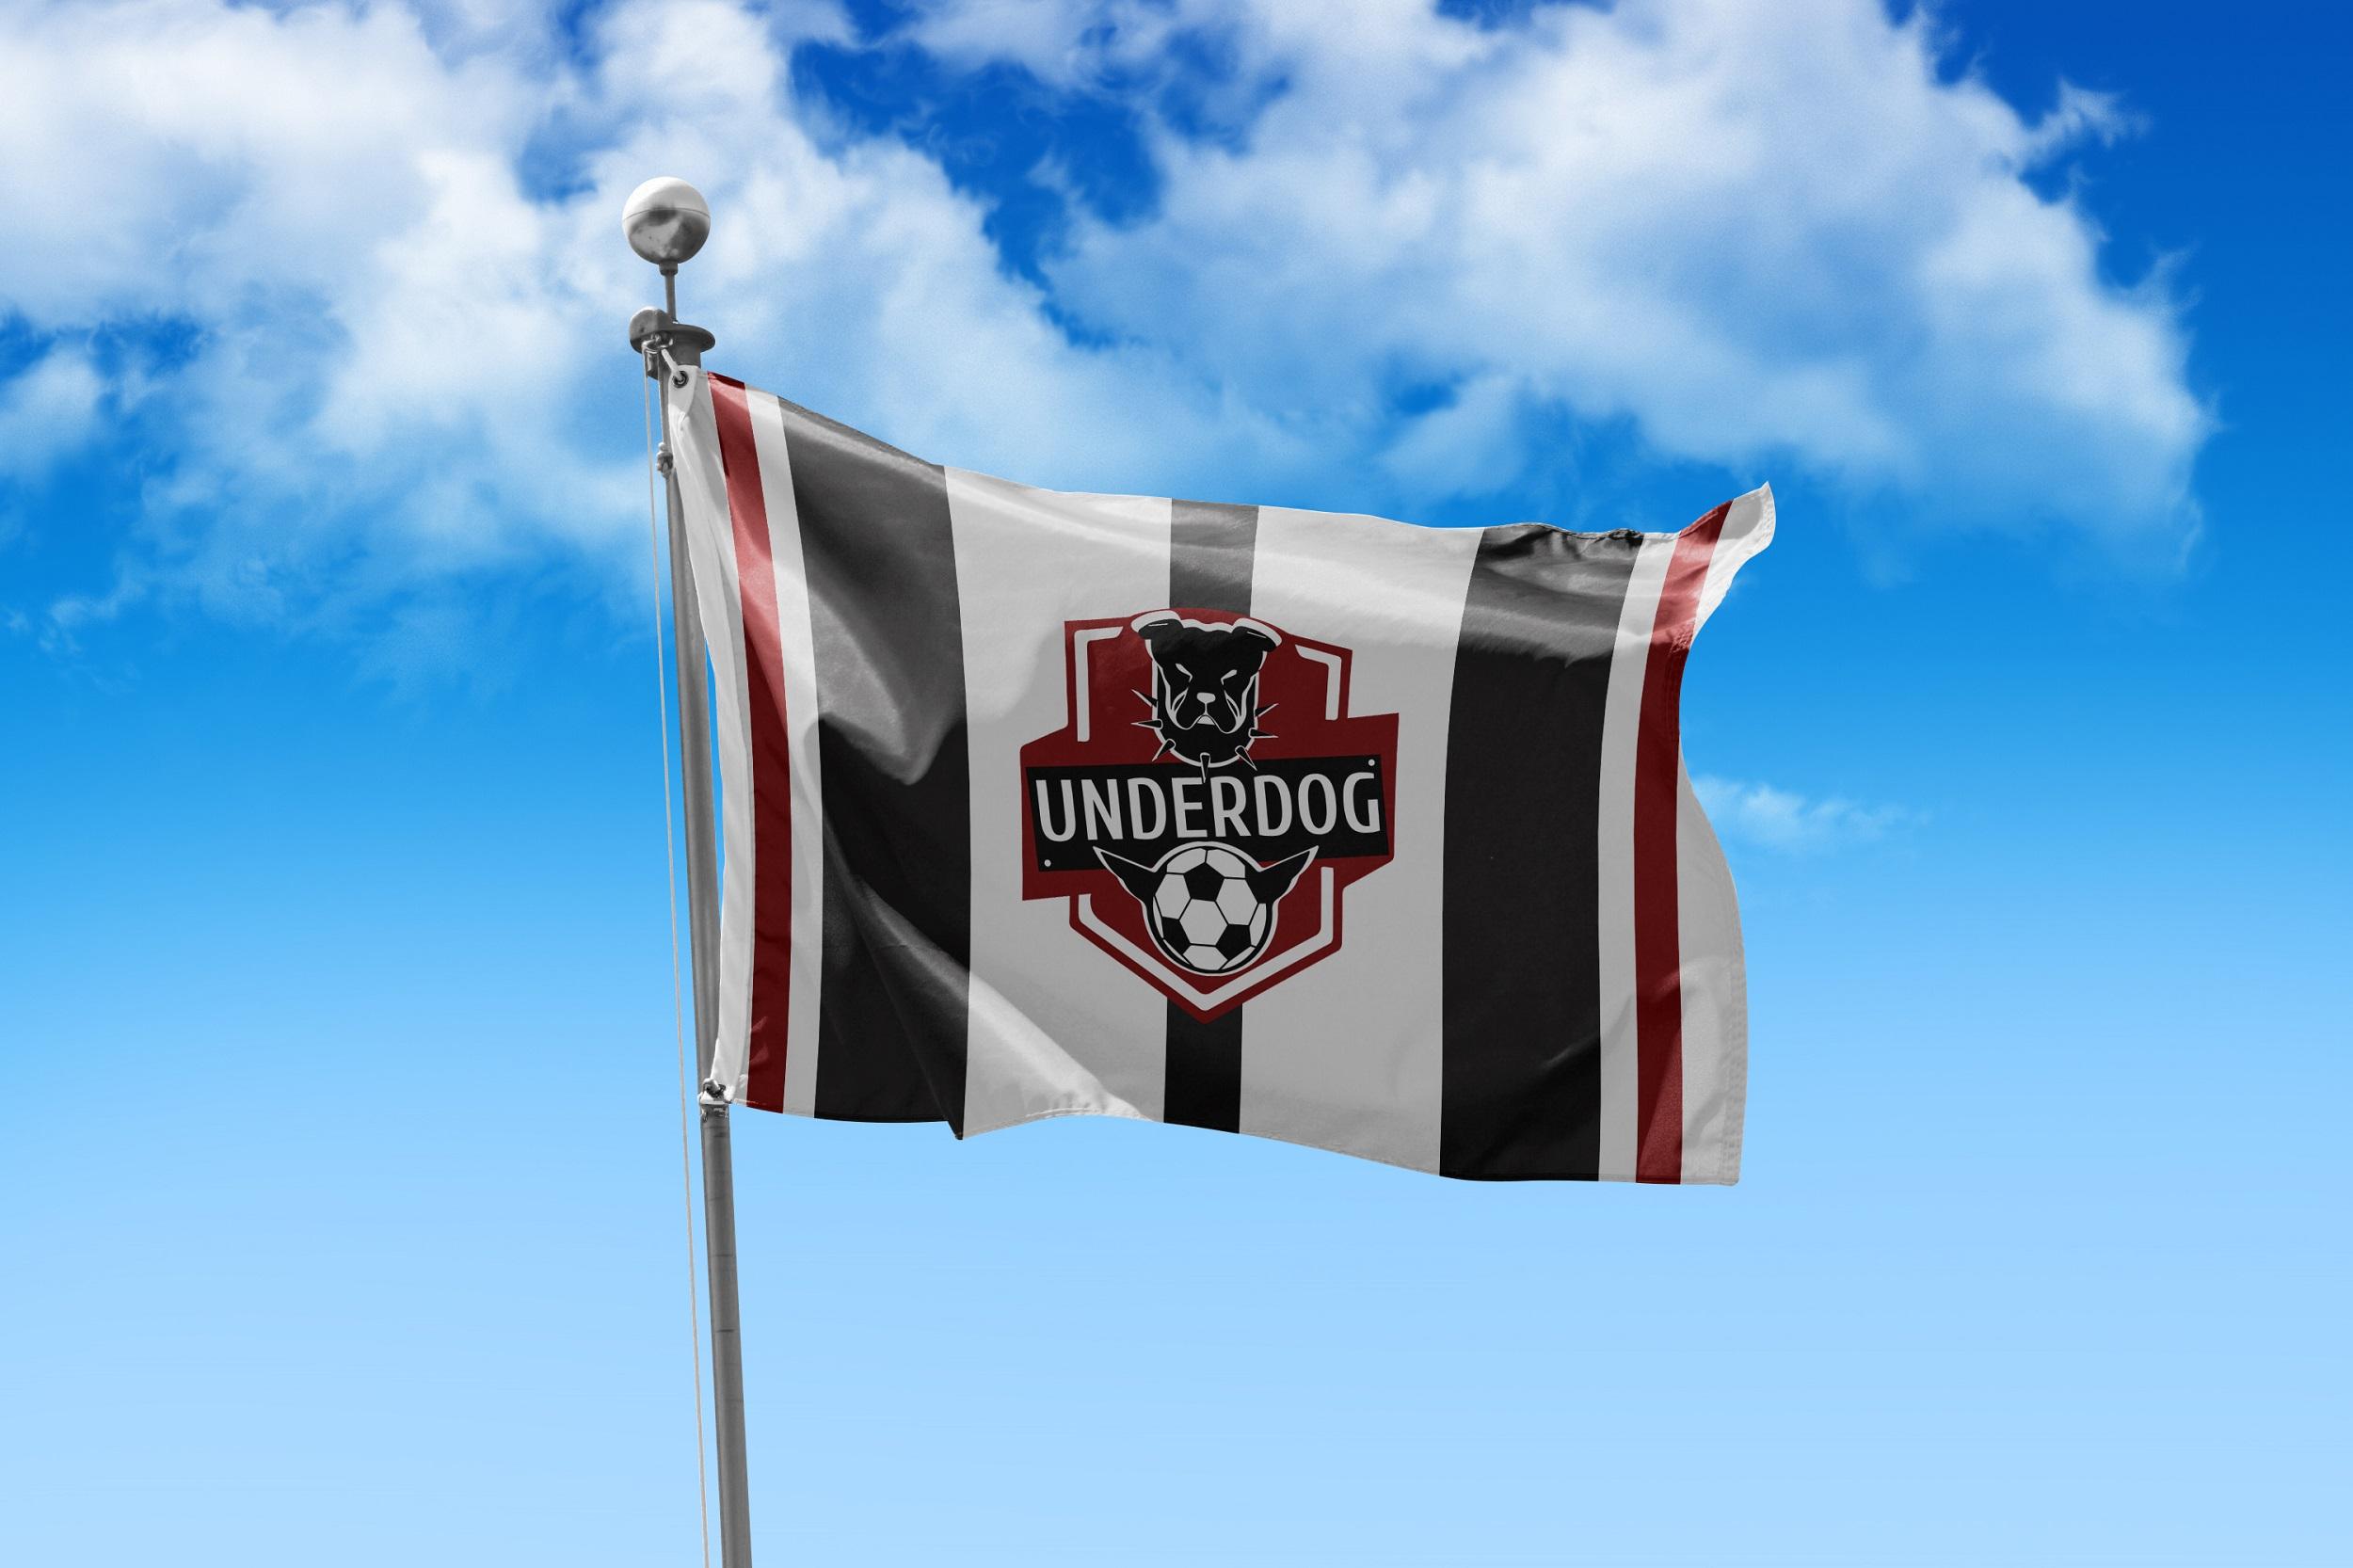 Футбольный клуб UNDERDOG - разработать фирстиль и бренд-бук фото f_0785caf7e6c1fcaa.jpg